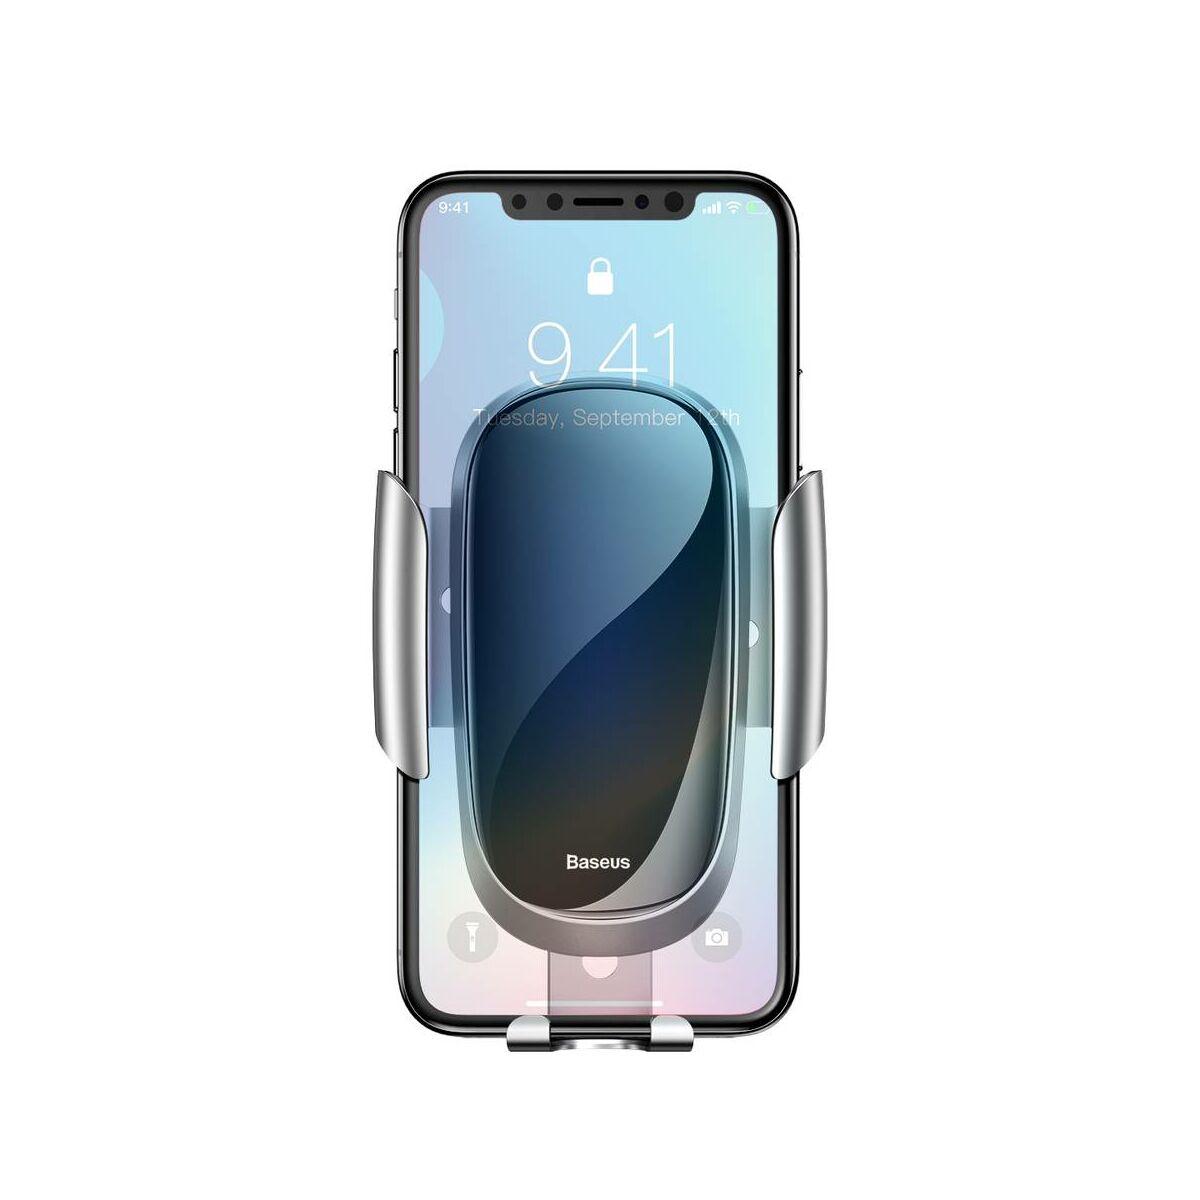 Baseus autós telefontartó, Future, szellőzőrácsra, ezüst (SUYL-WL0S)